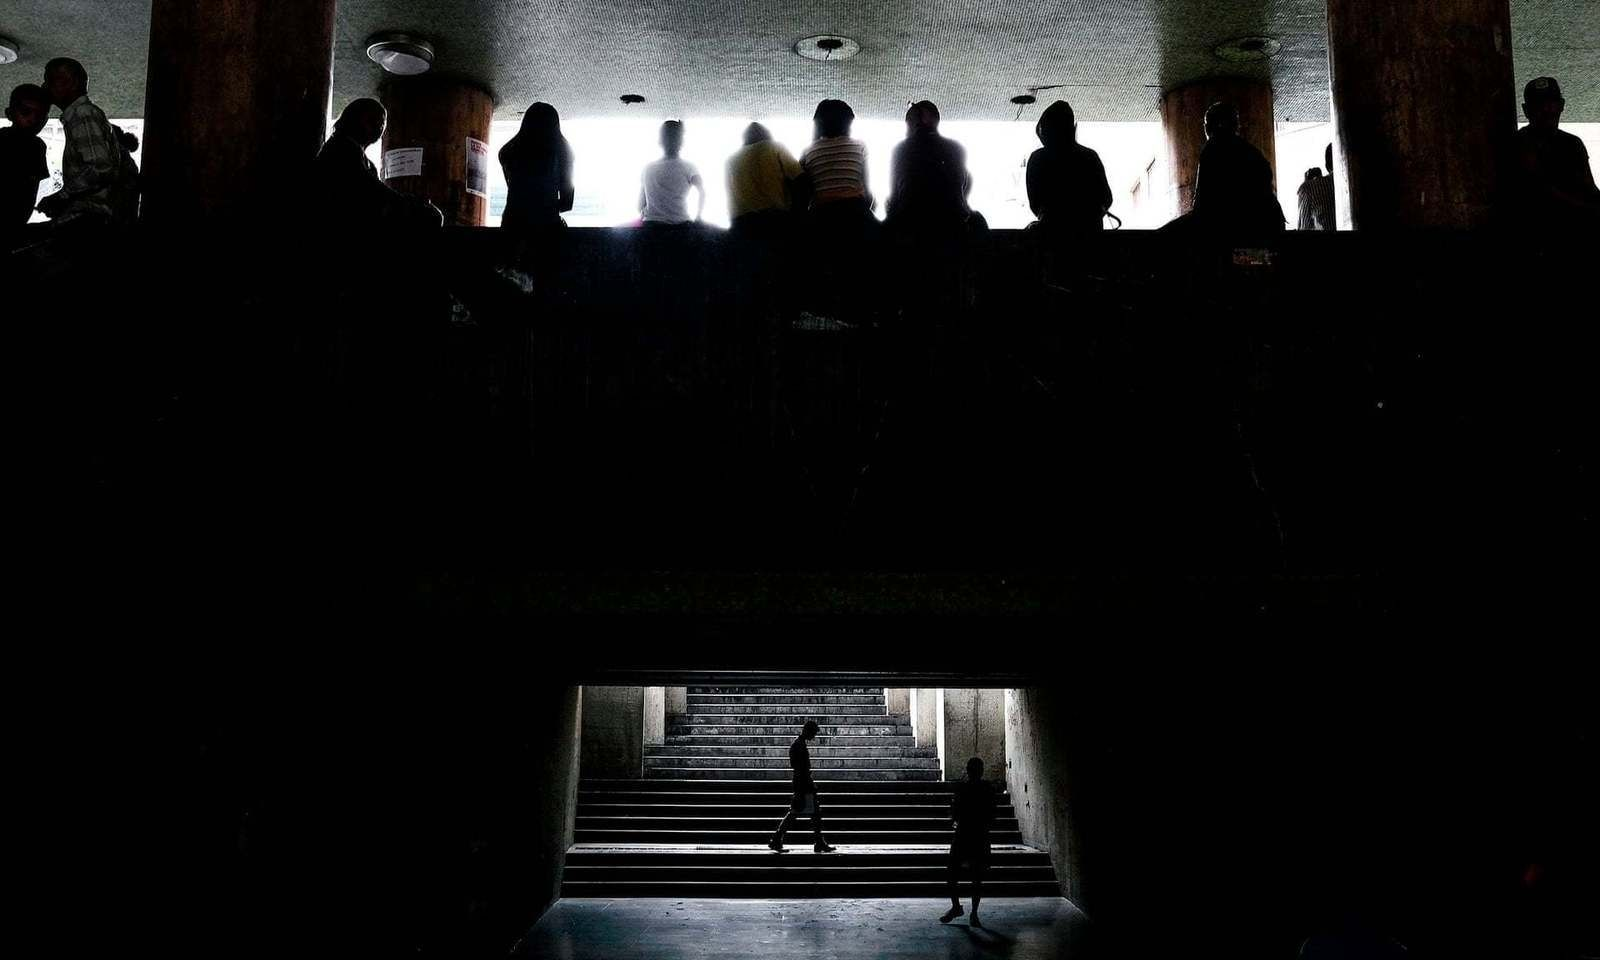 Венесуэль улсыг дахин харанхуй нөмөрлөө